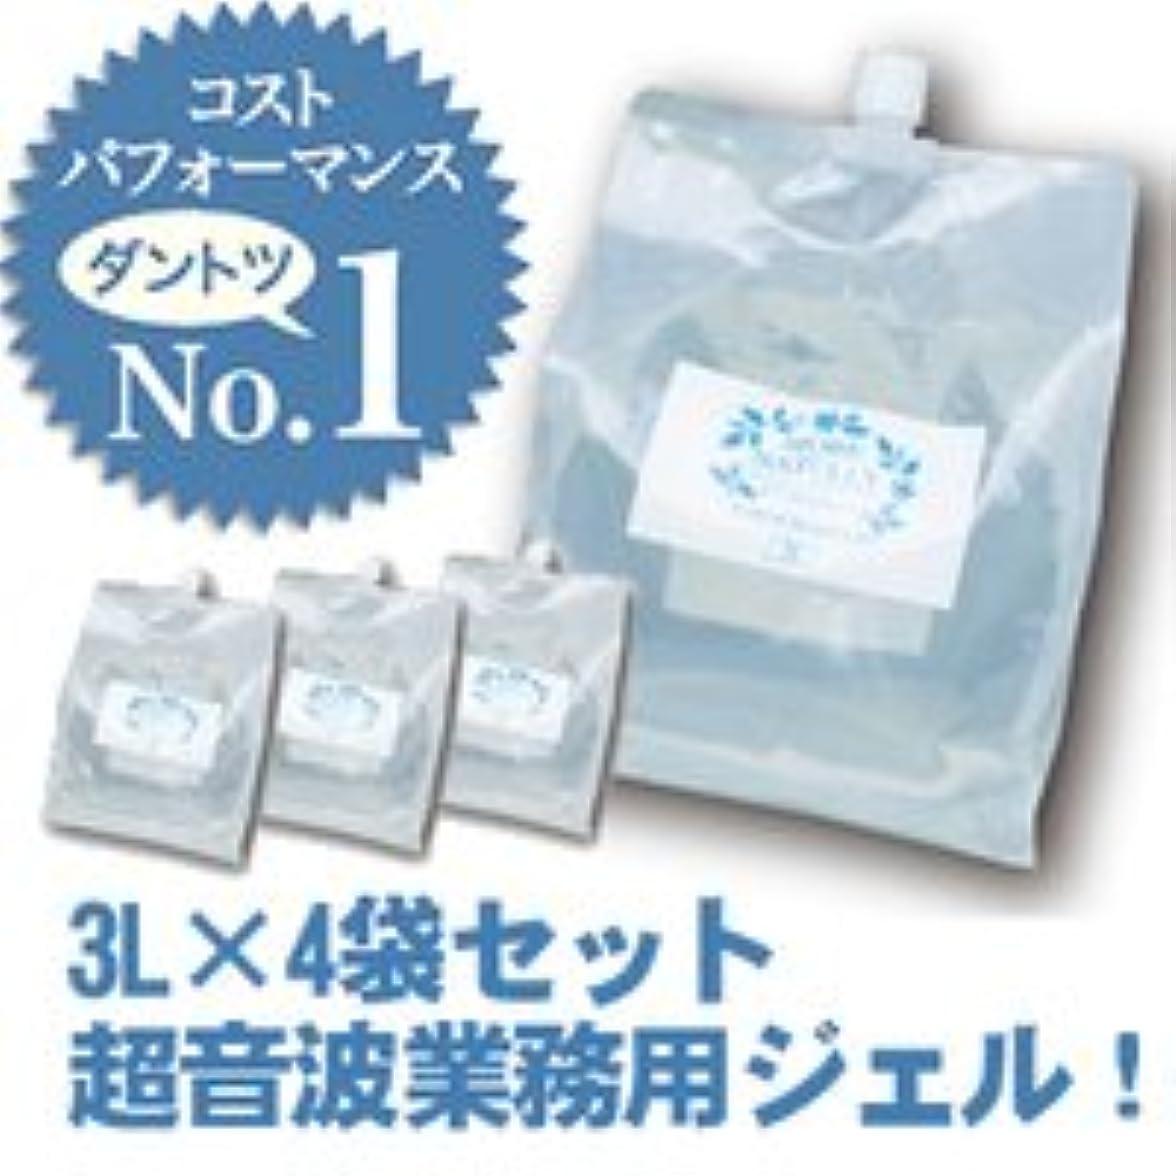 特徴づける複雑な方言モアナチュリー キャビ&フラッシュジェル 4袋セット 3L×4袋 12Lスーパーハードタイプ